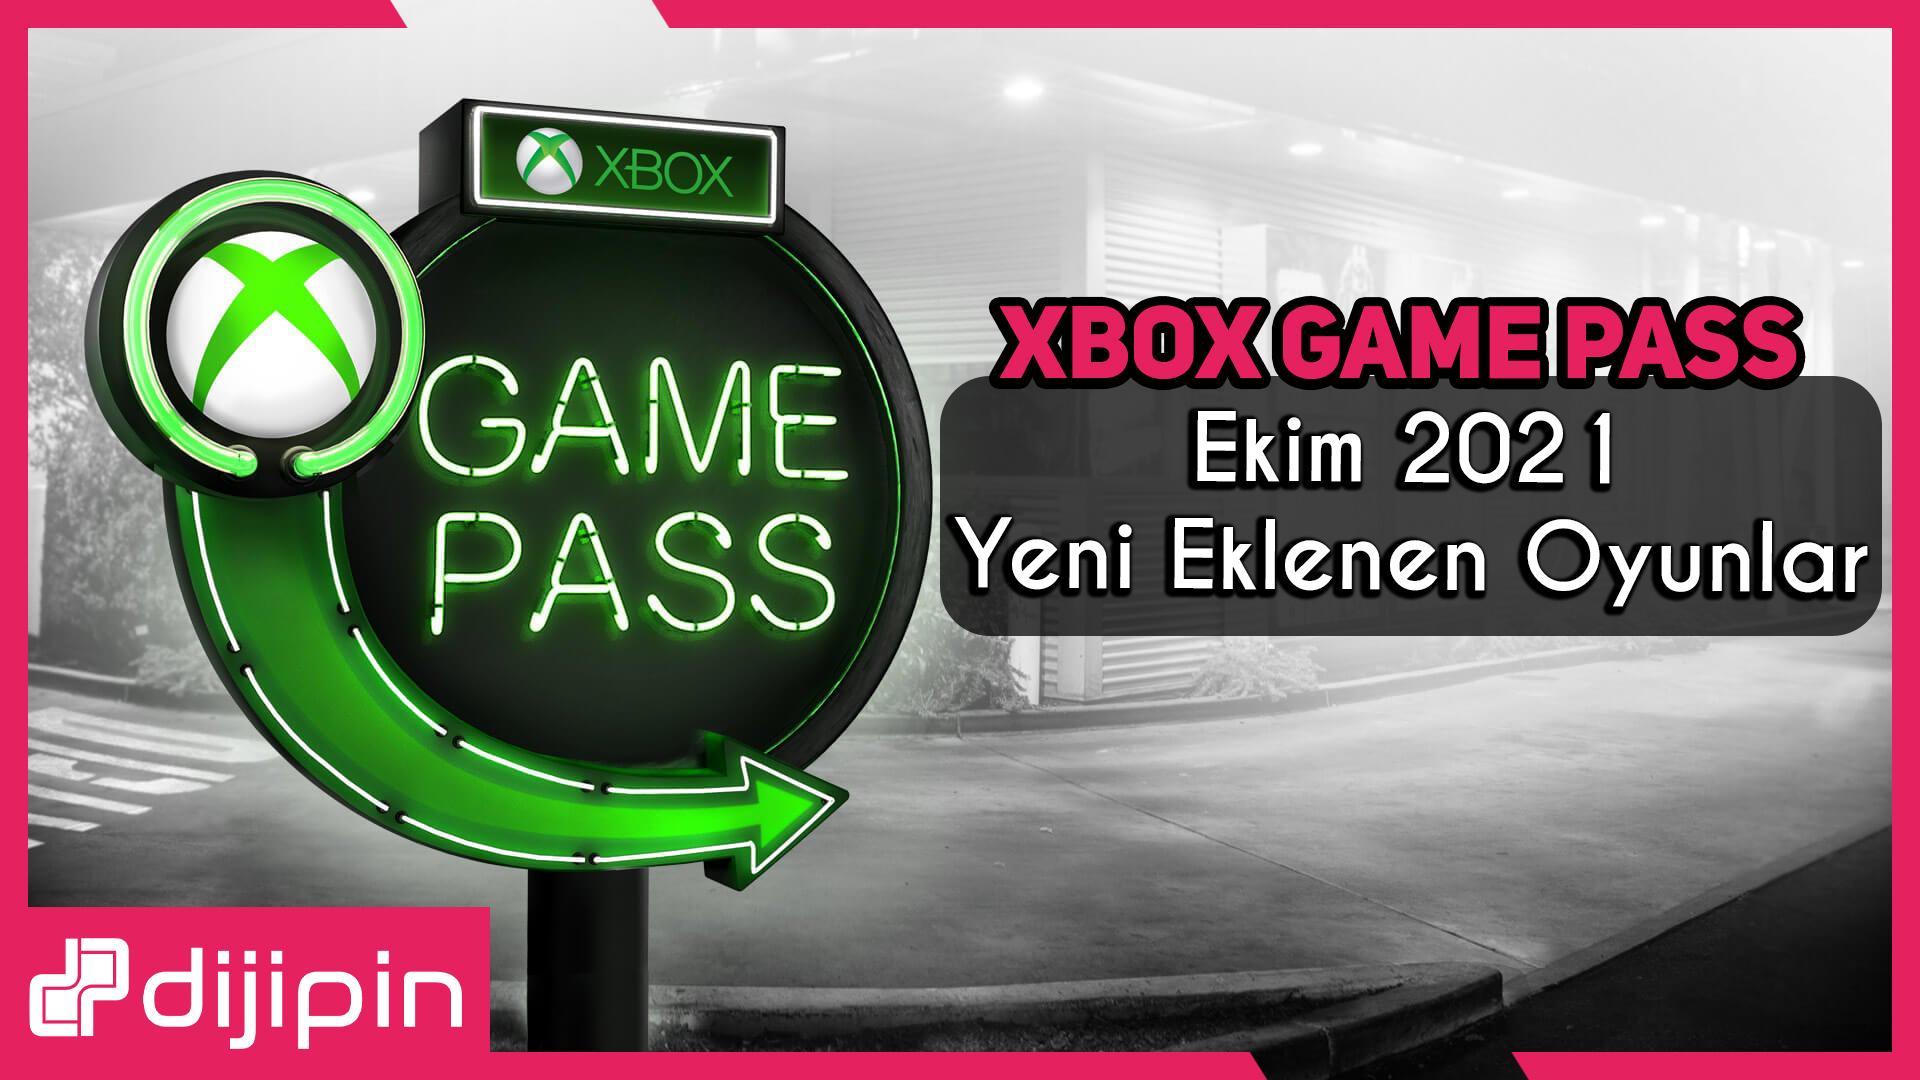 Xbox Game Pass Ekim 2021 Yeni Oyunlar Eklendi